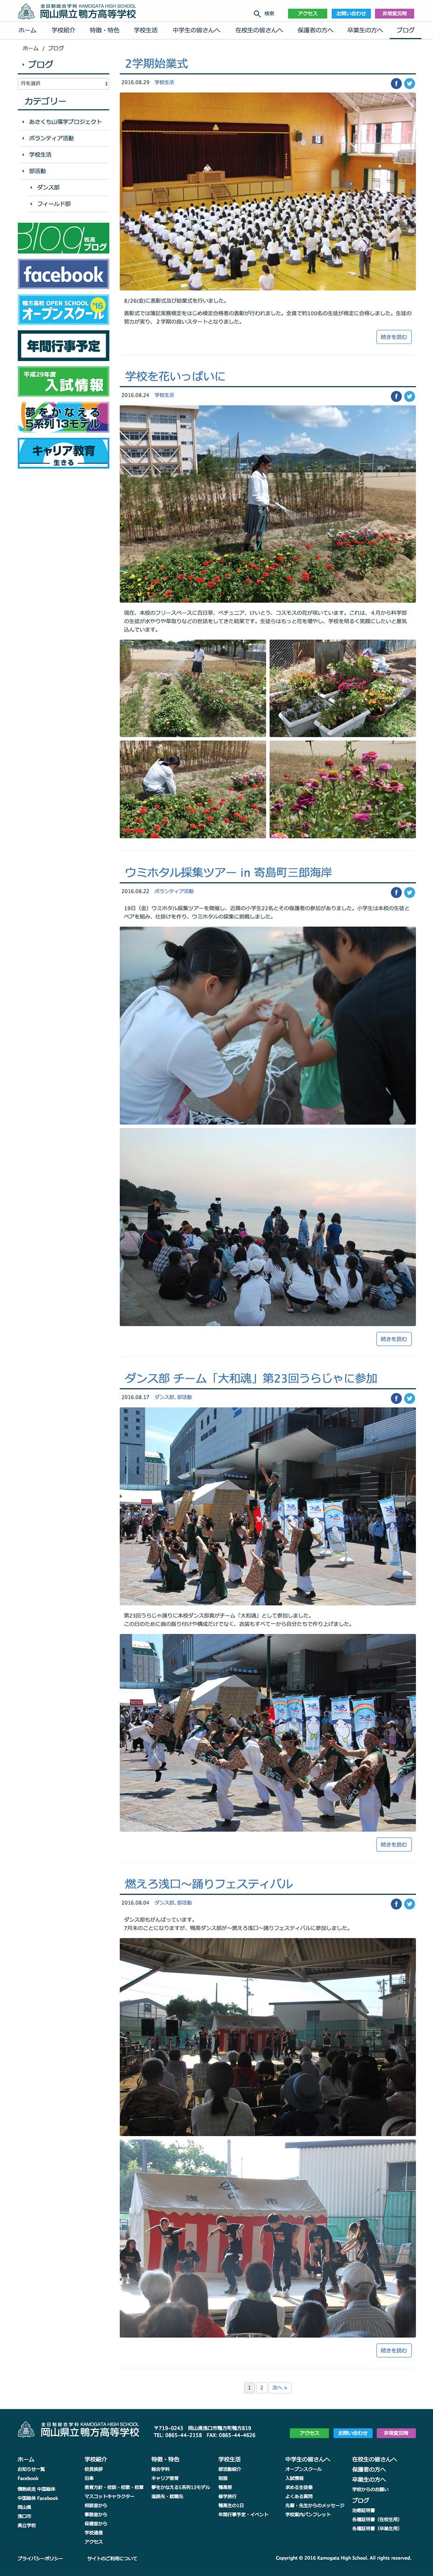 岡山県立鴨方高等学校様 ホームページ ブログ